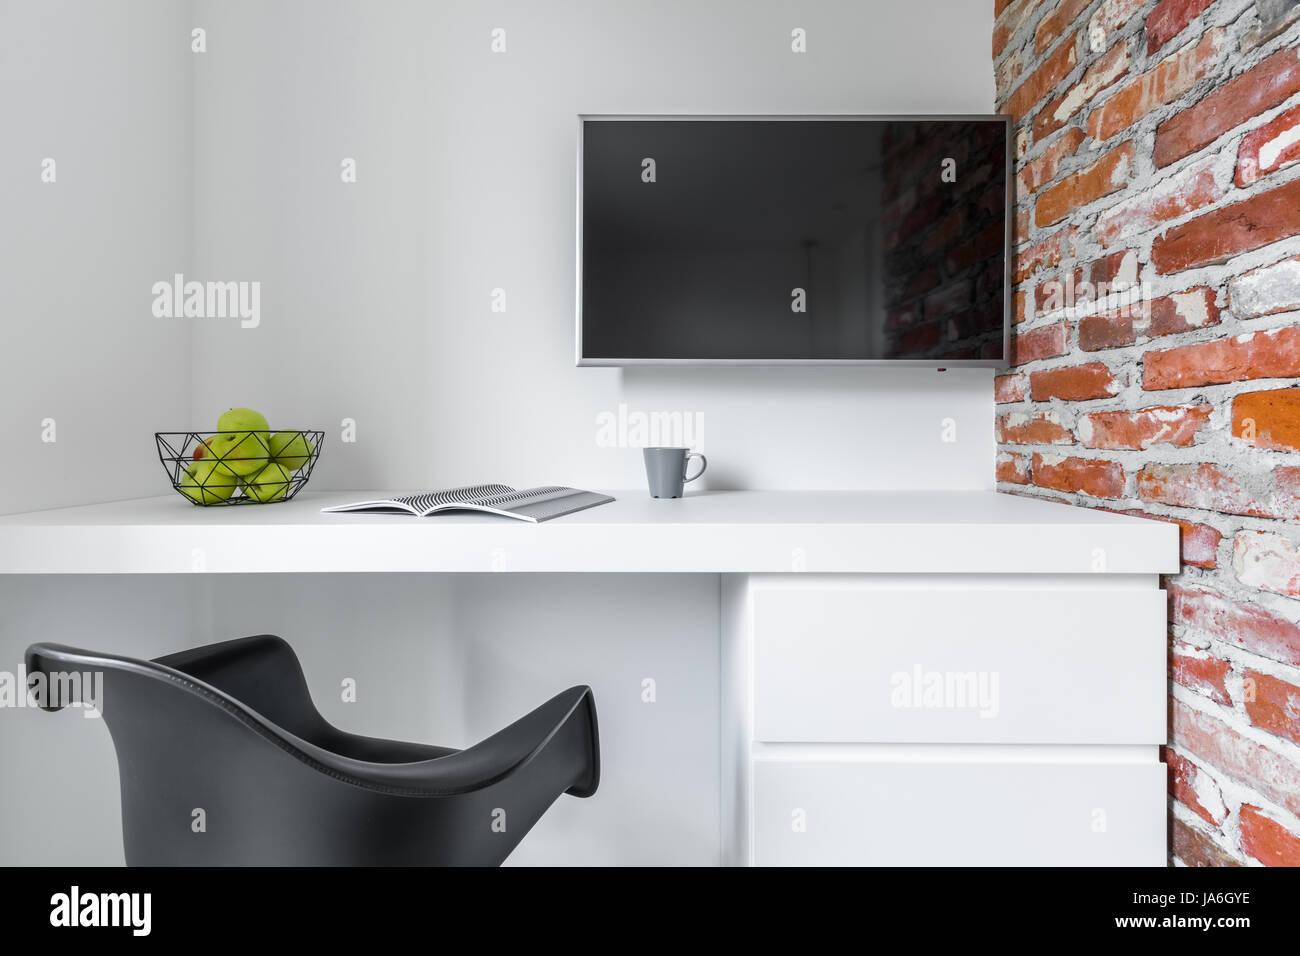 SchreibtischSchwarzen Weißer Modernen Raum Mit Stuhl Arbeitsplatte 54ARcjLSq3